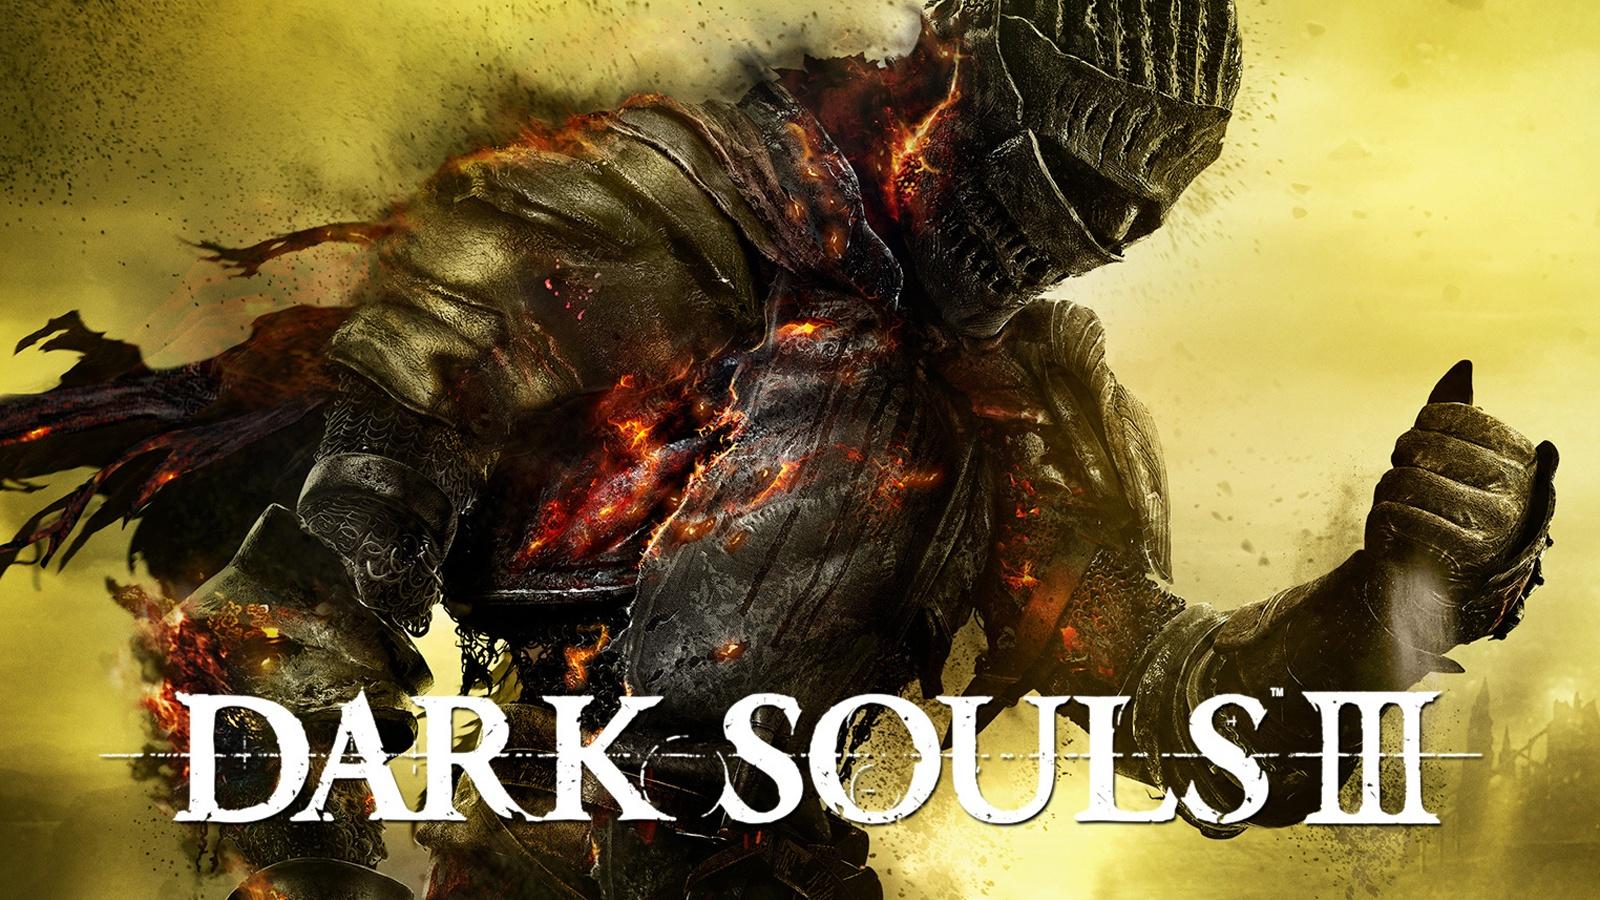 dark_souls_III-game-1600x900